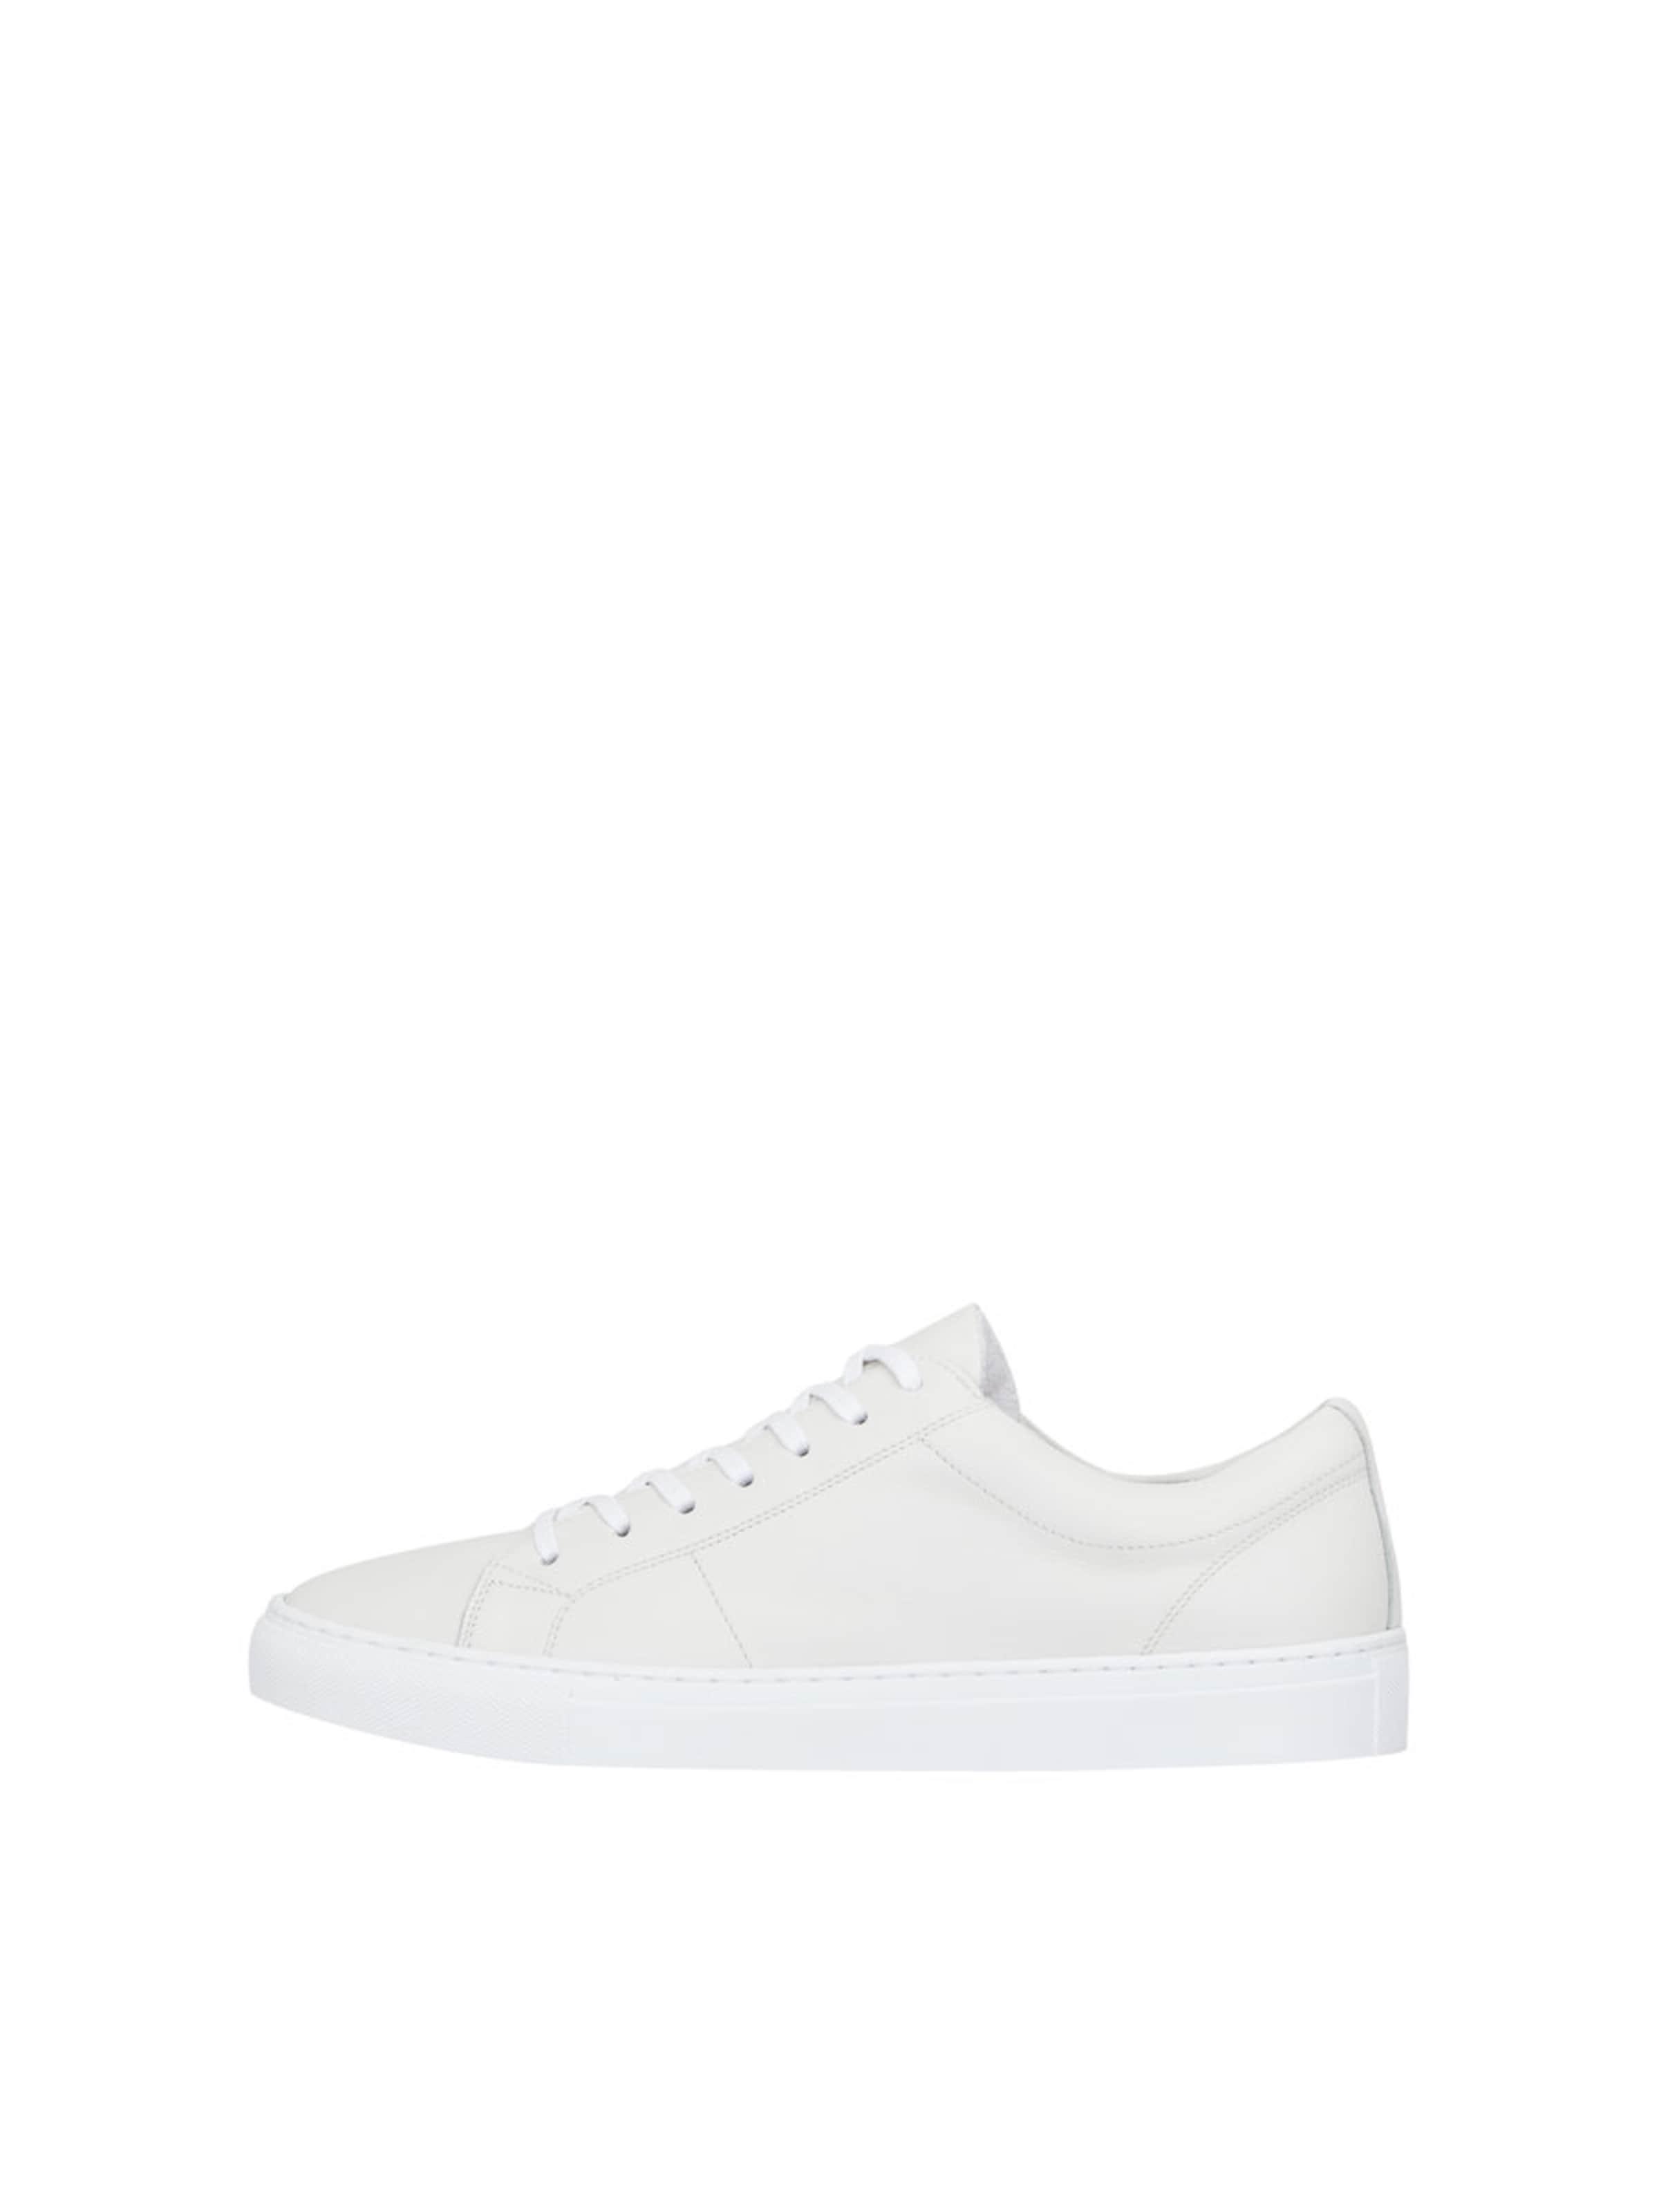 Bianco Herren Schnür Sneaker Günstige und langlebige Schuhe